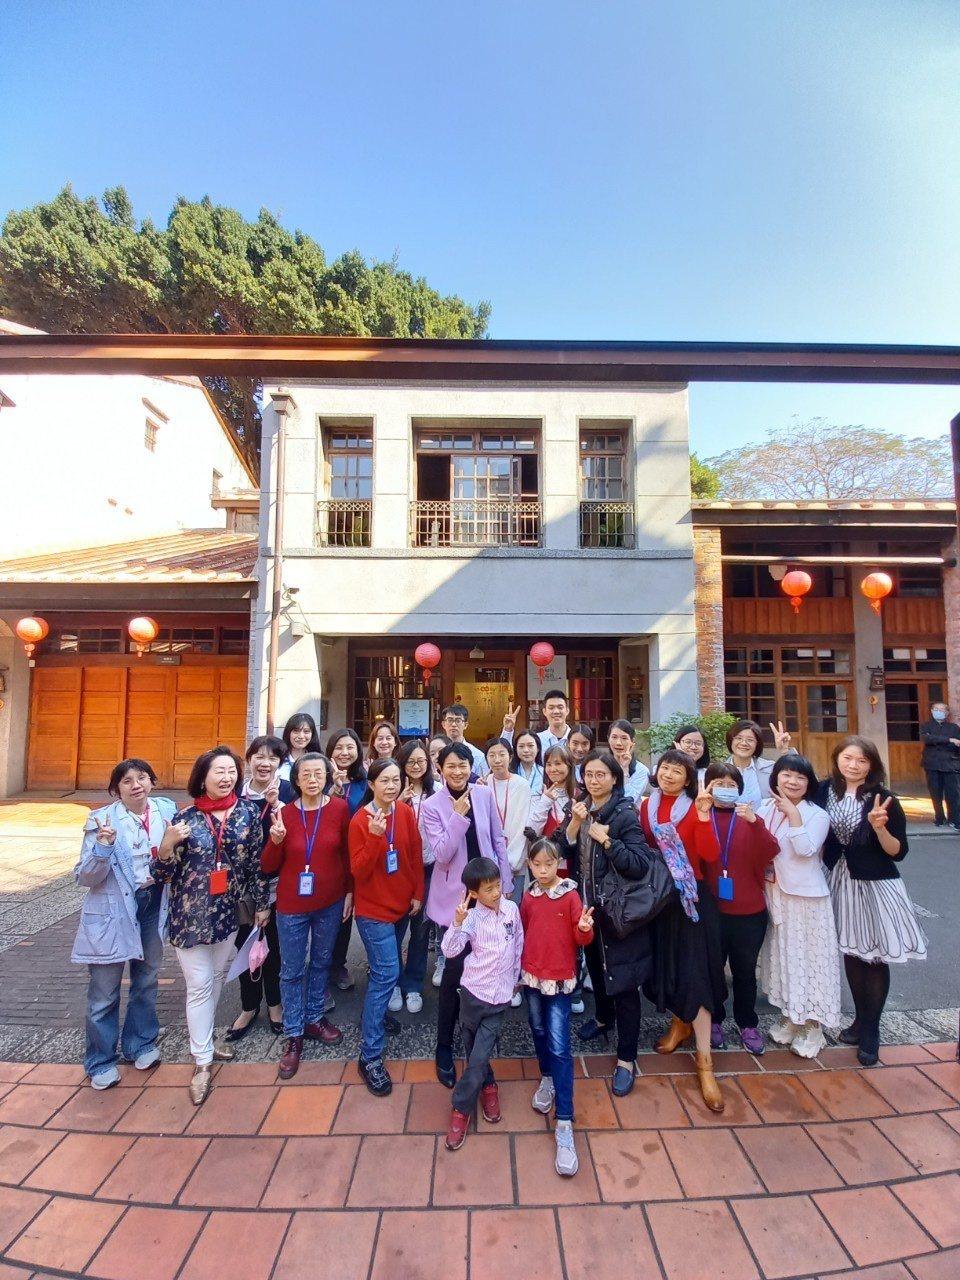 臺灣女性生涯協會志工群橫跨不同世代,實現世代共好。 圖/臺灣女性生涯發展協會